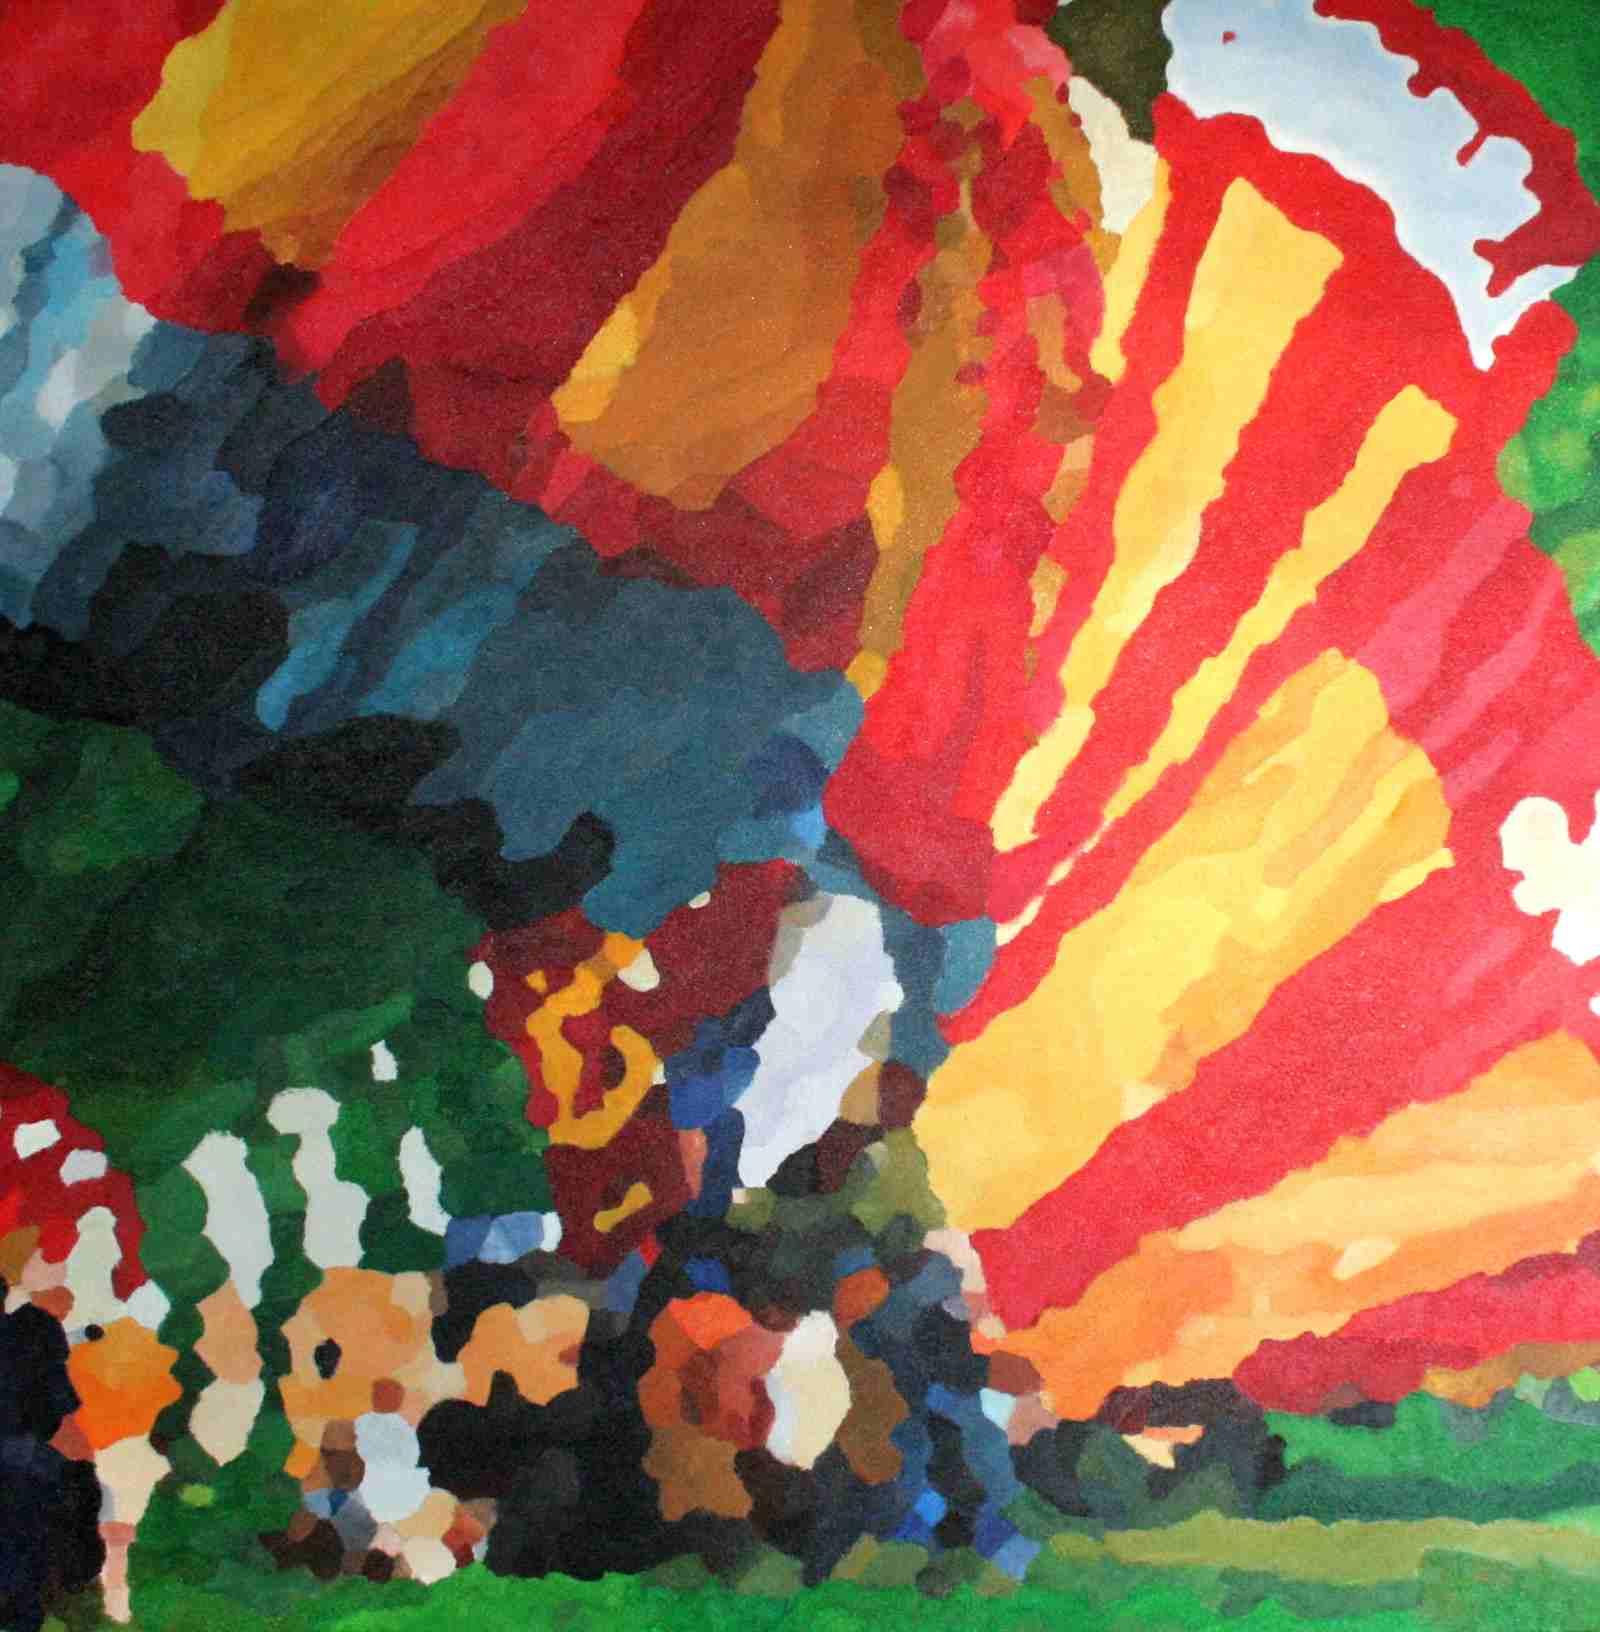 Luchtballonnen 80 x 80 cm april 2010 € 375